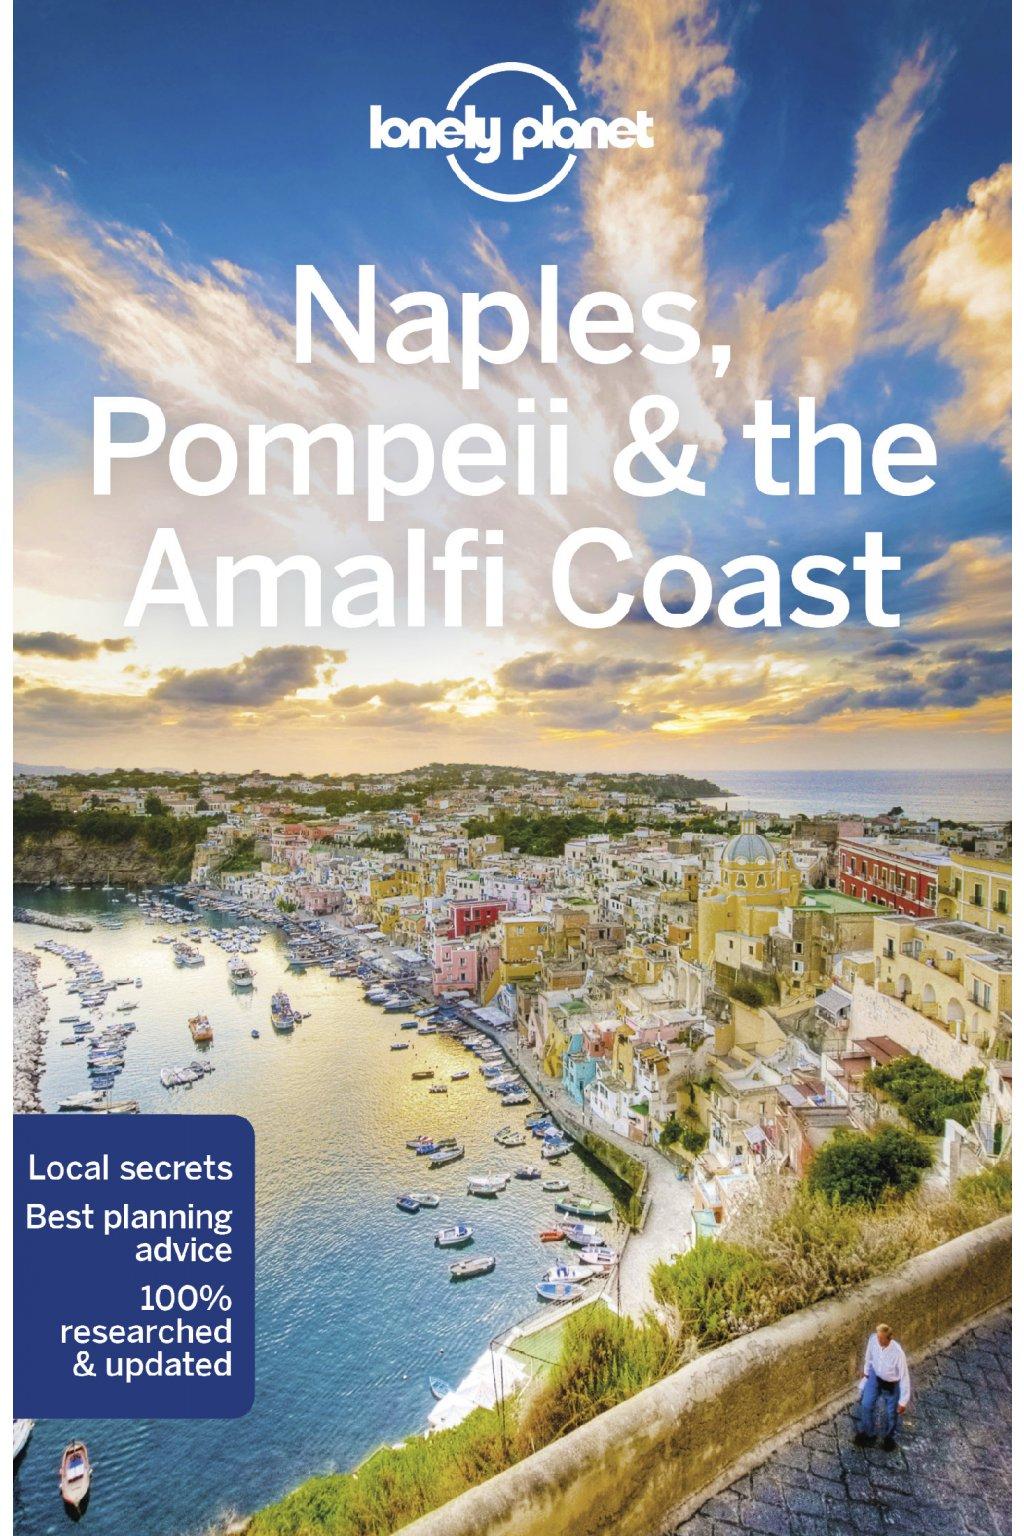 55459 Naples, Pompeii & Amalfi Coast 6 9781786572776